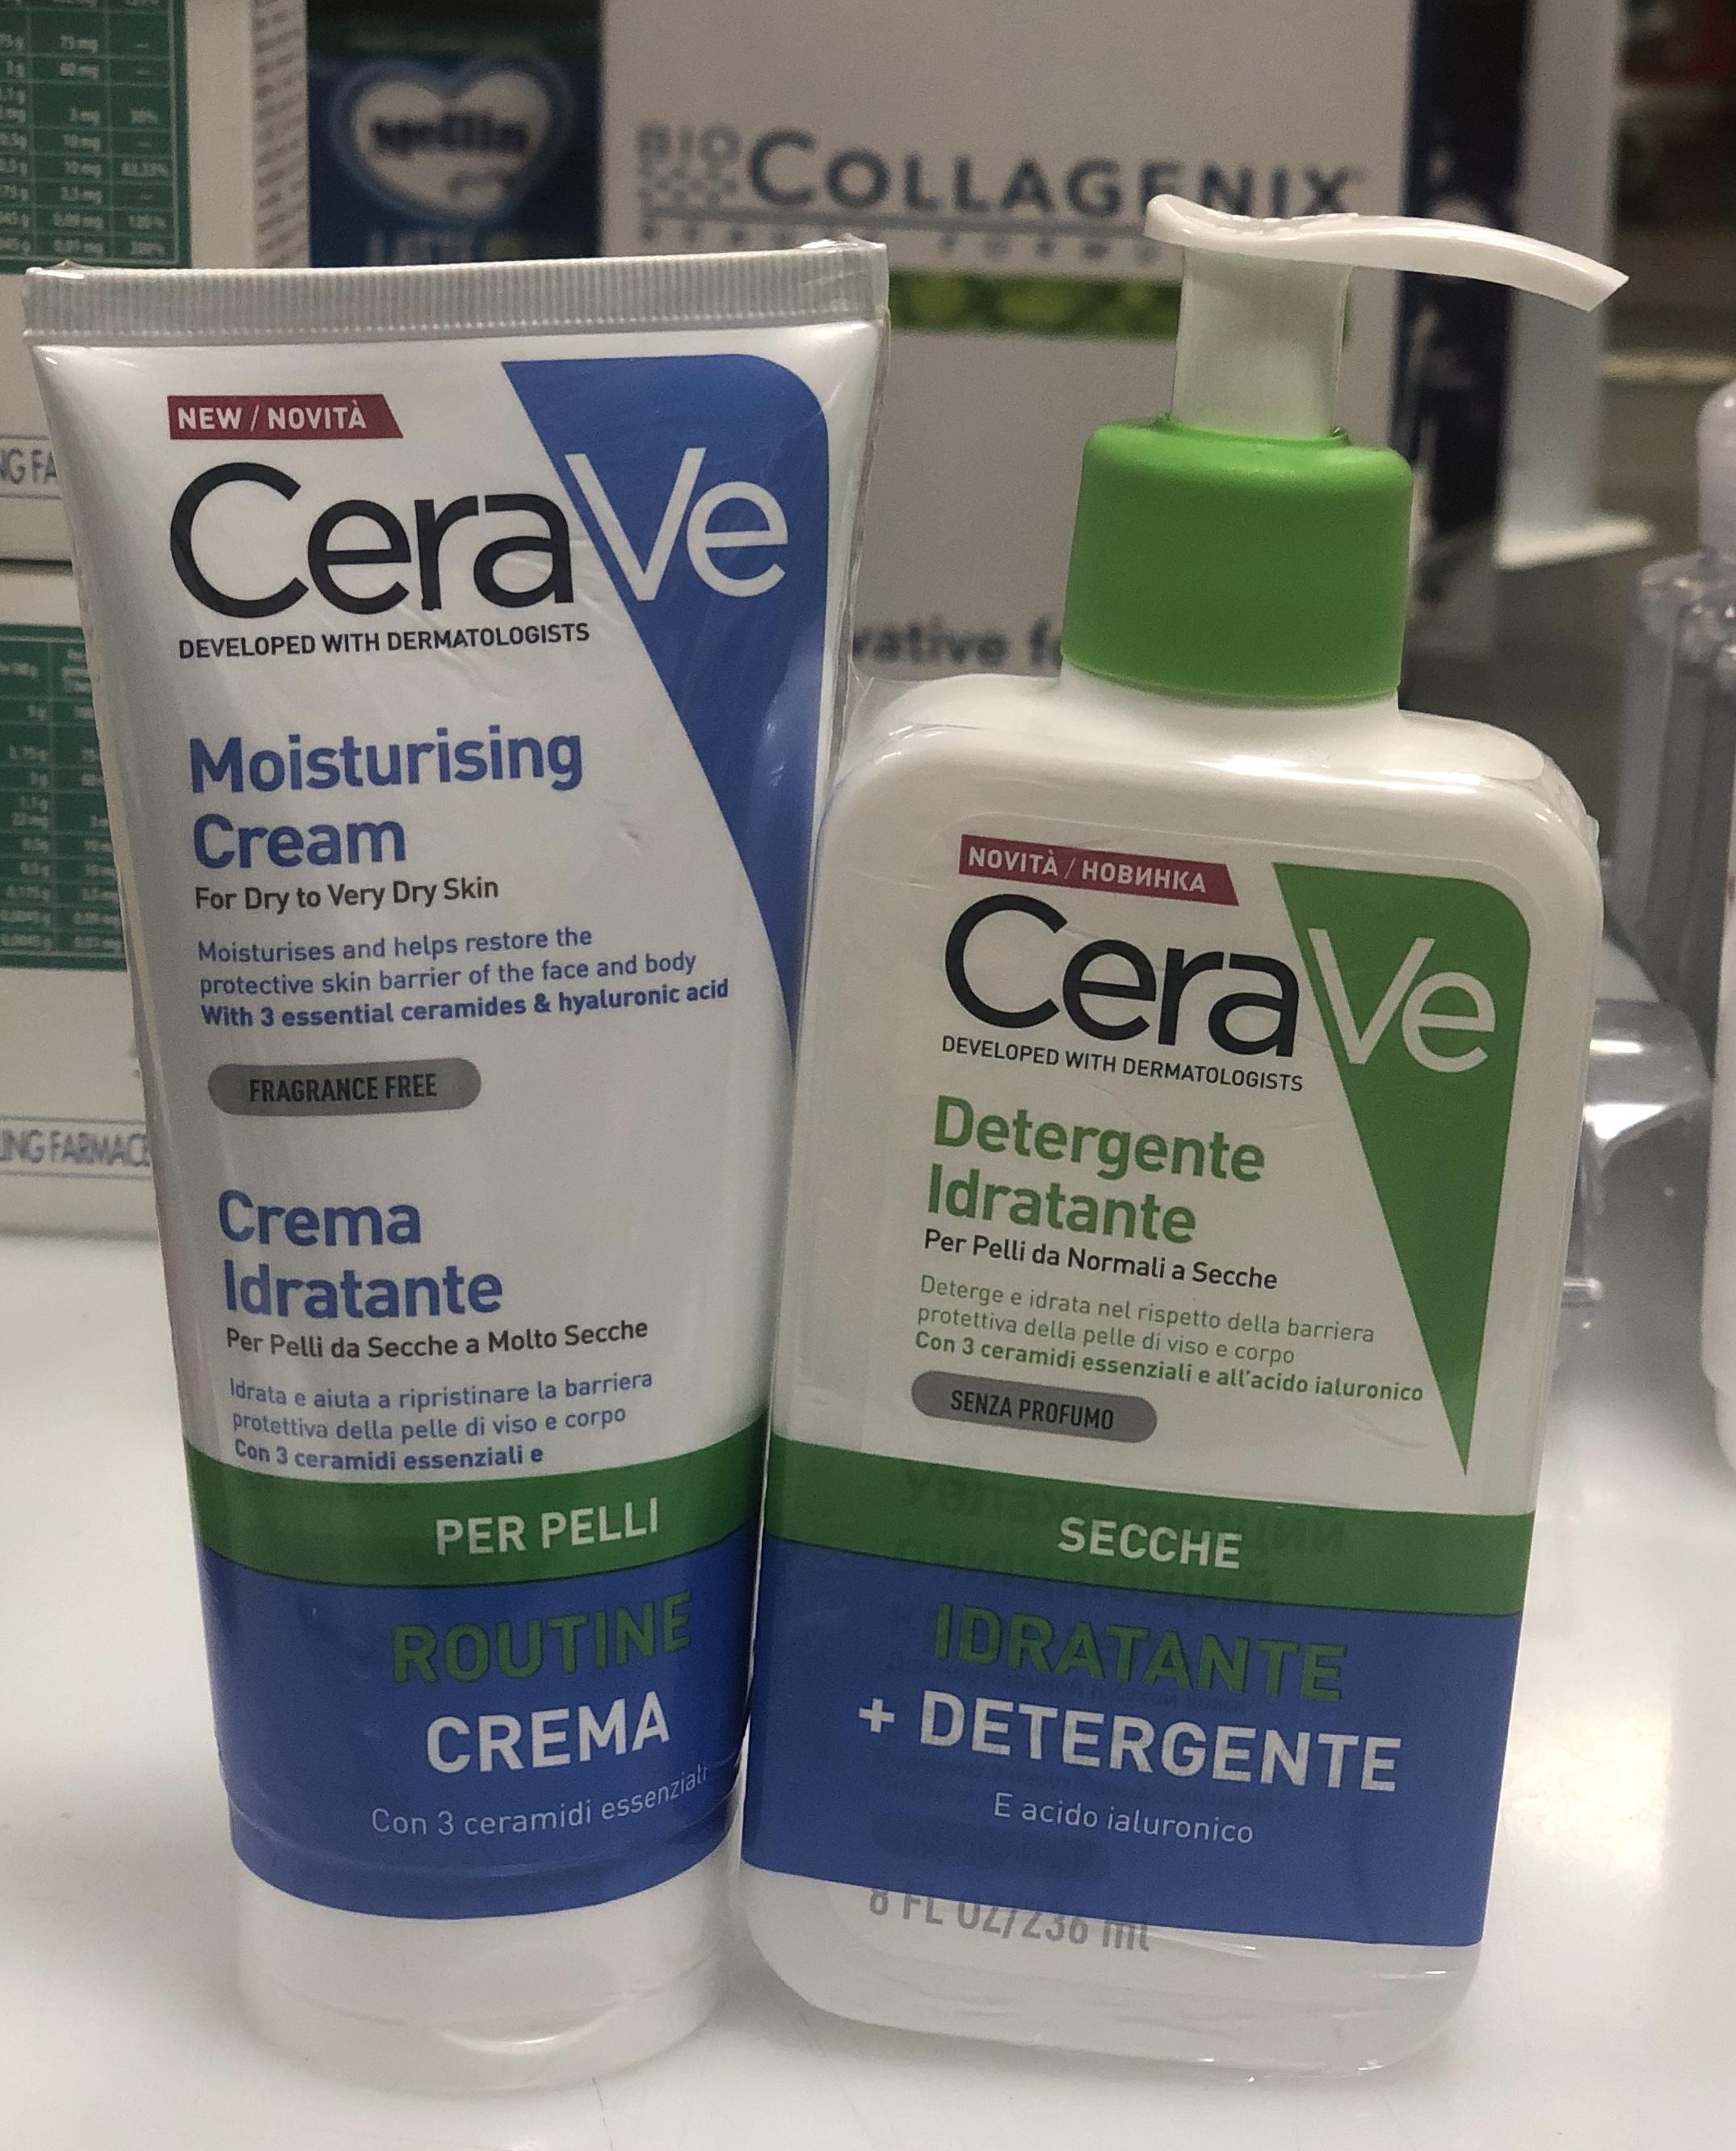 CeraVe detergente + crema idratante